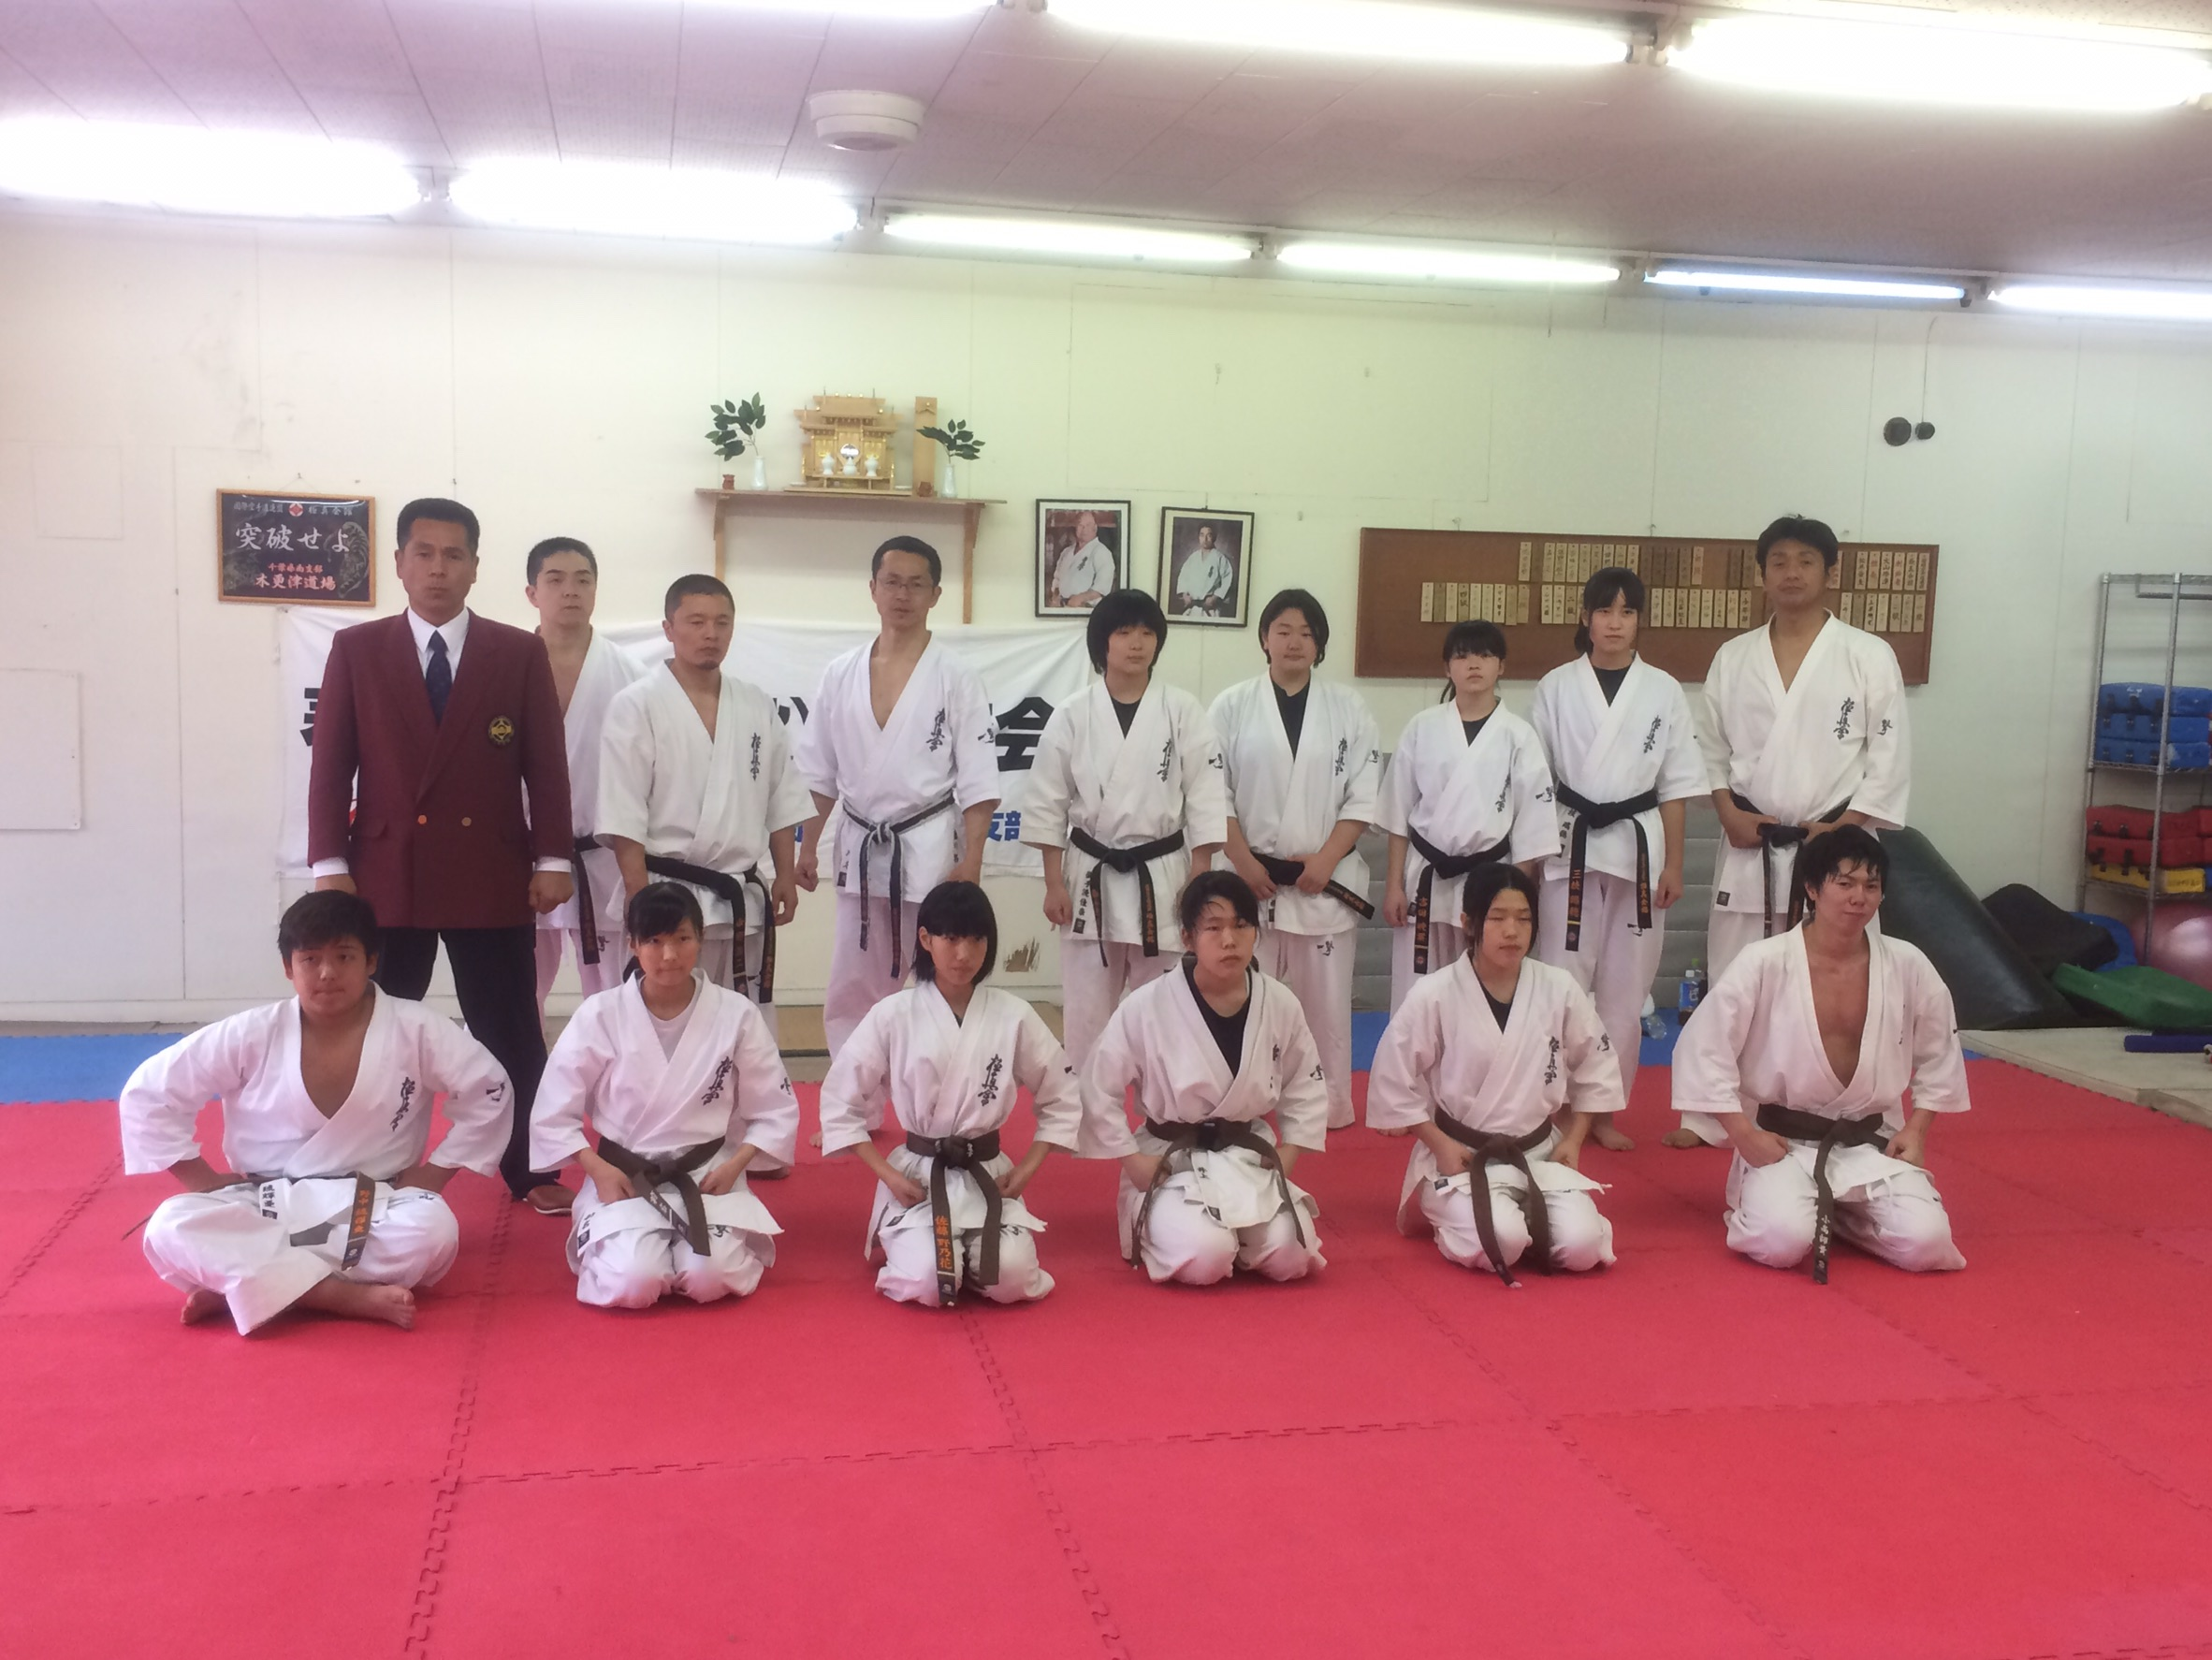 http://www.kyokushin-chibaminami.com/images/1490381492377.jpg